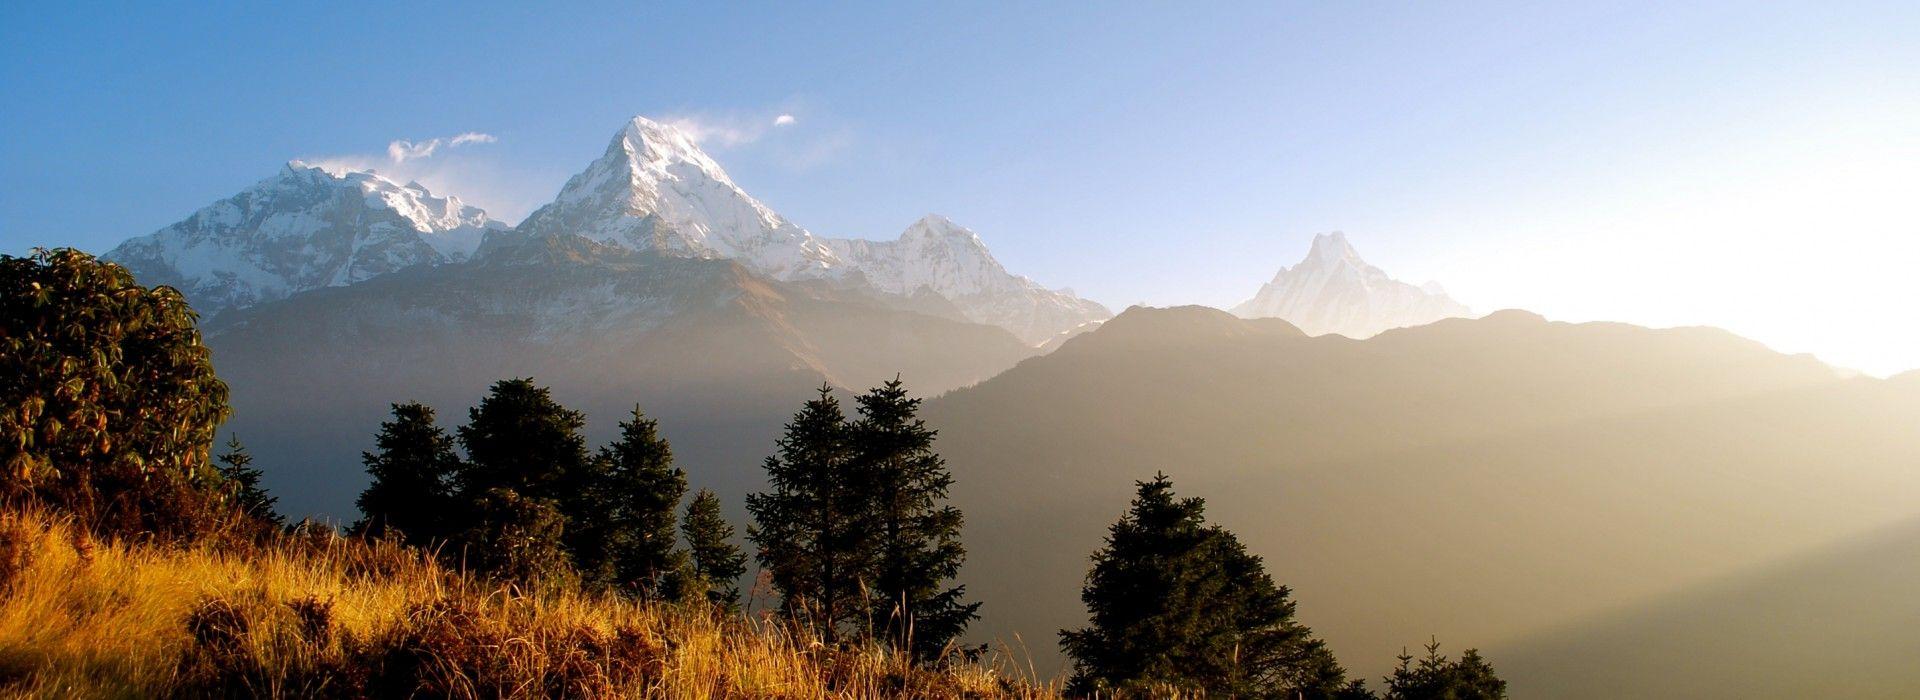 Ganesh Himal Tours